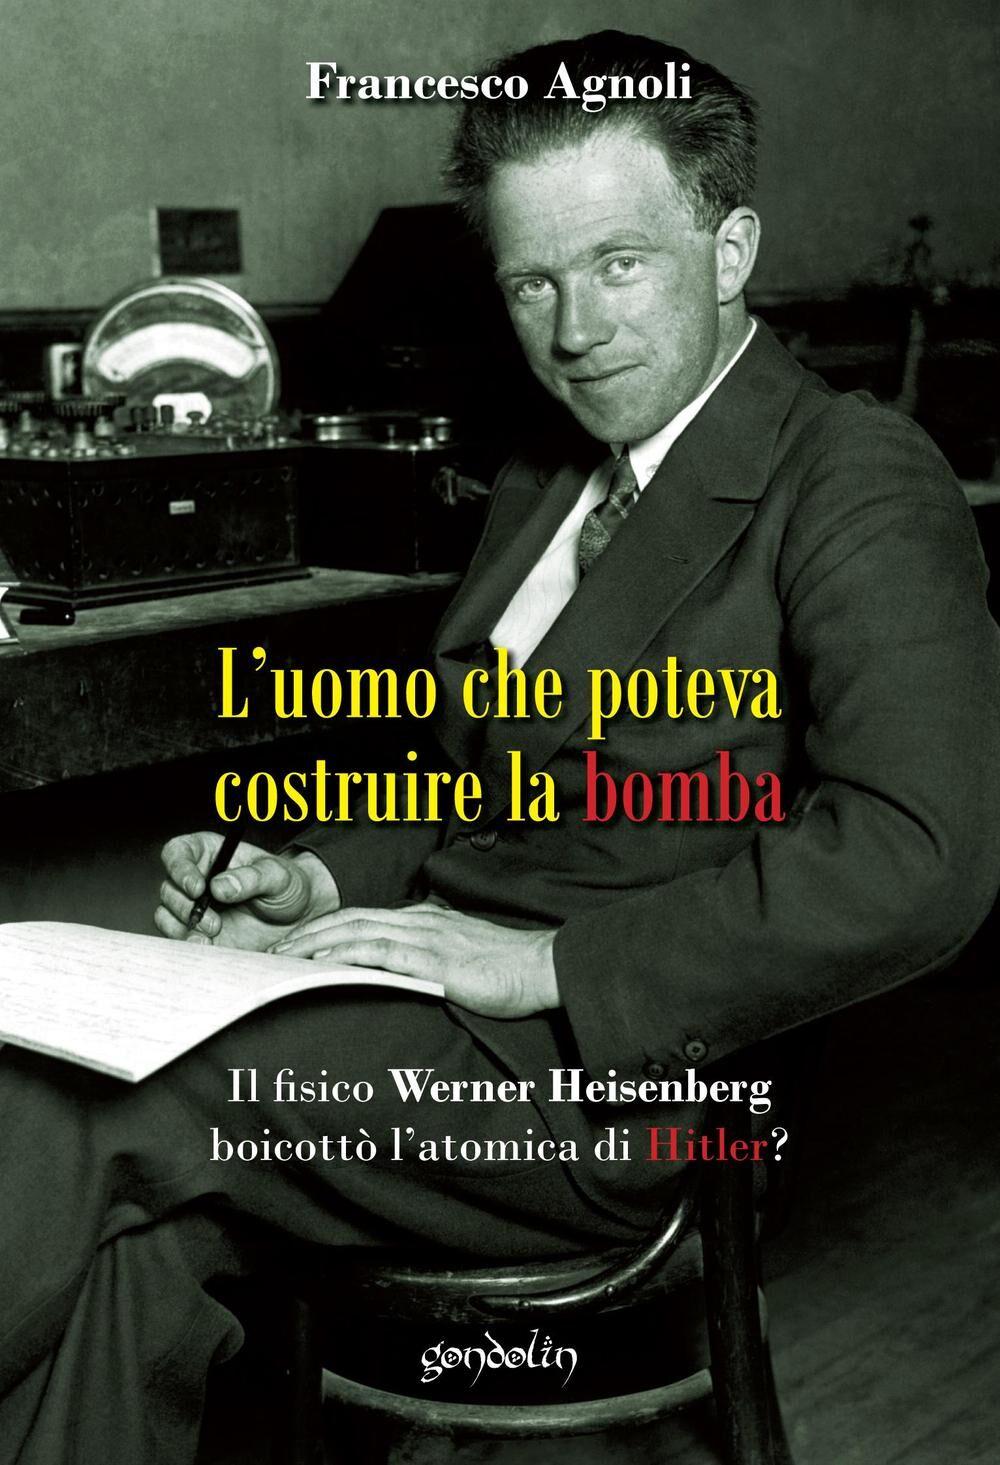 L' uomo che poteva costruire la bomba. Il fisico Werner Heisenberg boicottò l'atomica di Hitler?